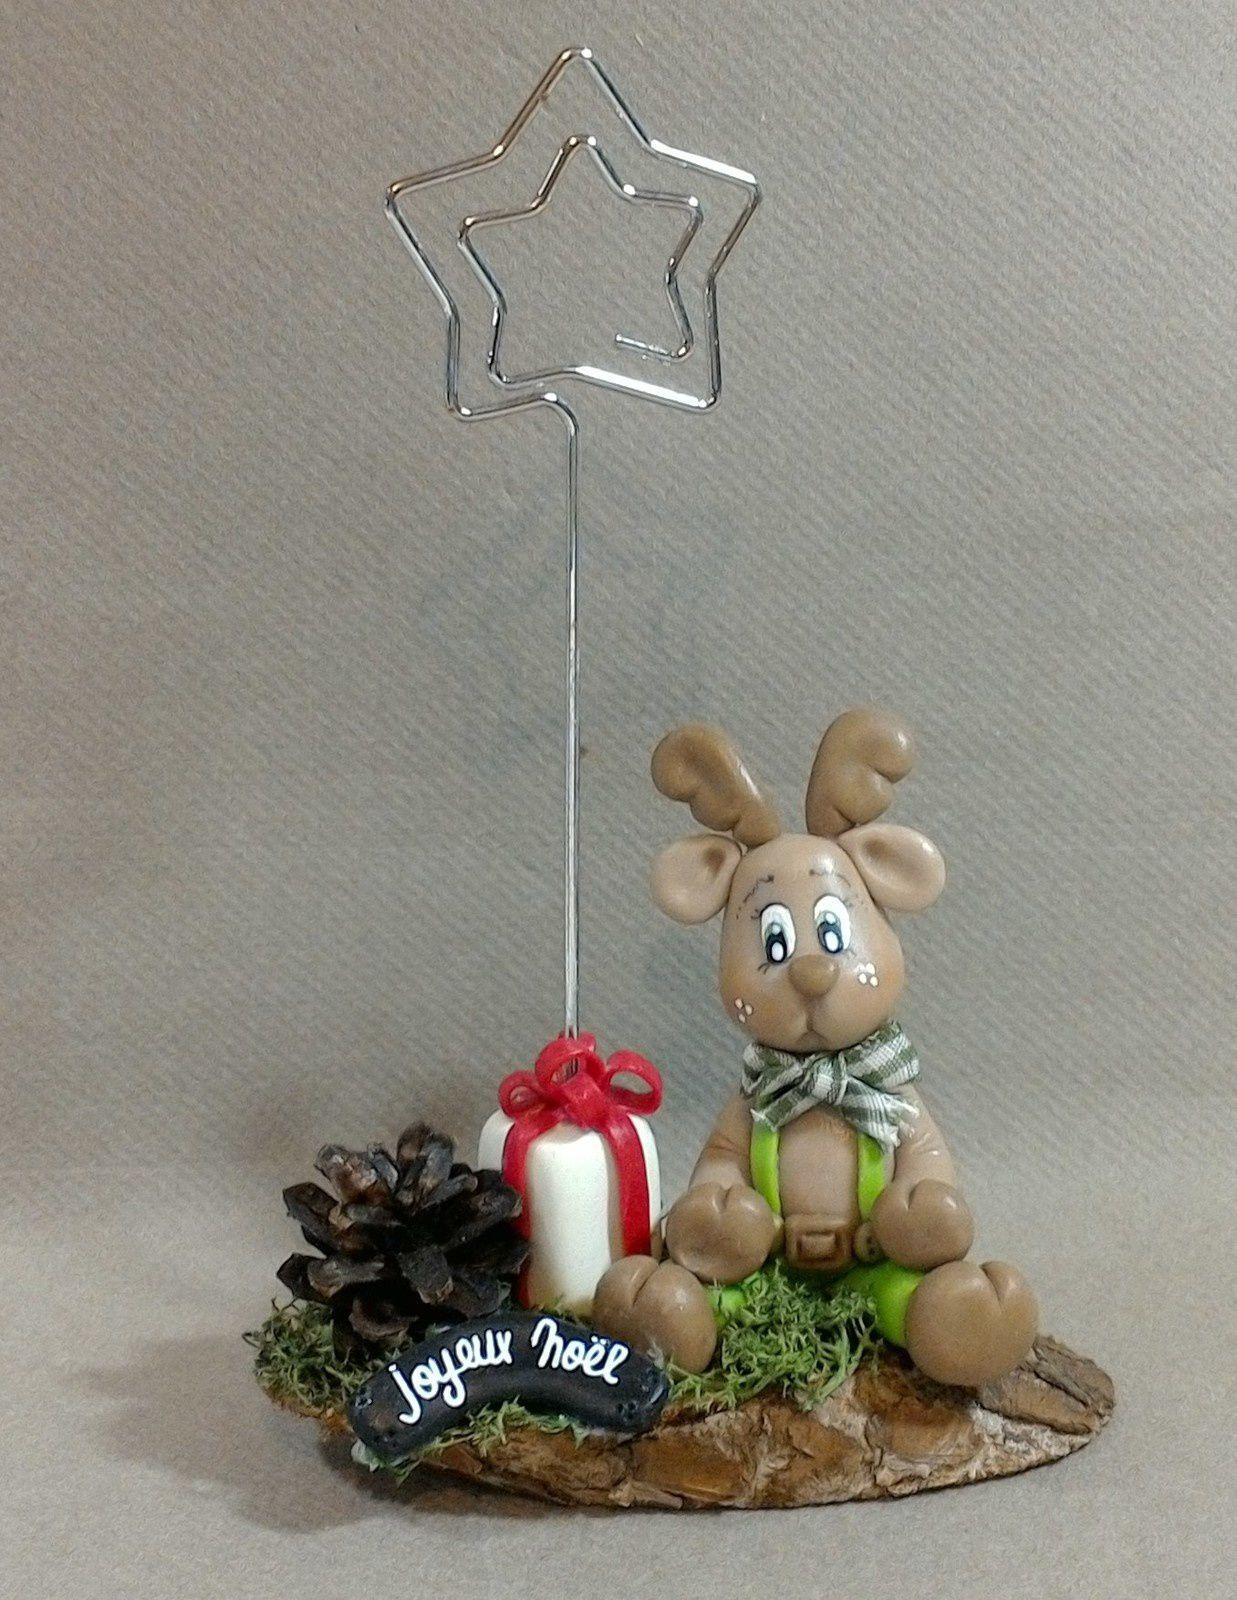 Porte-photo avec Bonhomme pain d'épice et renne de Noël